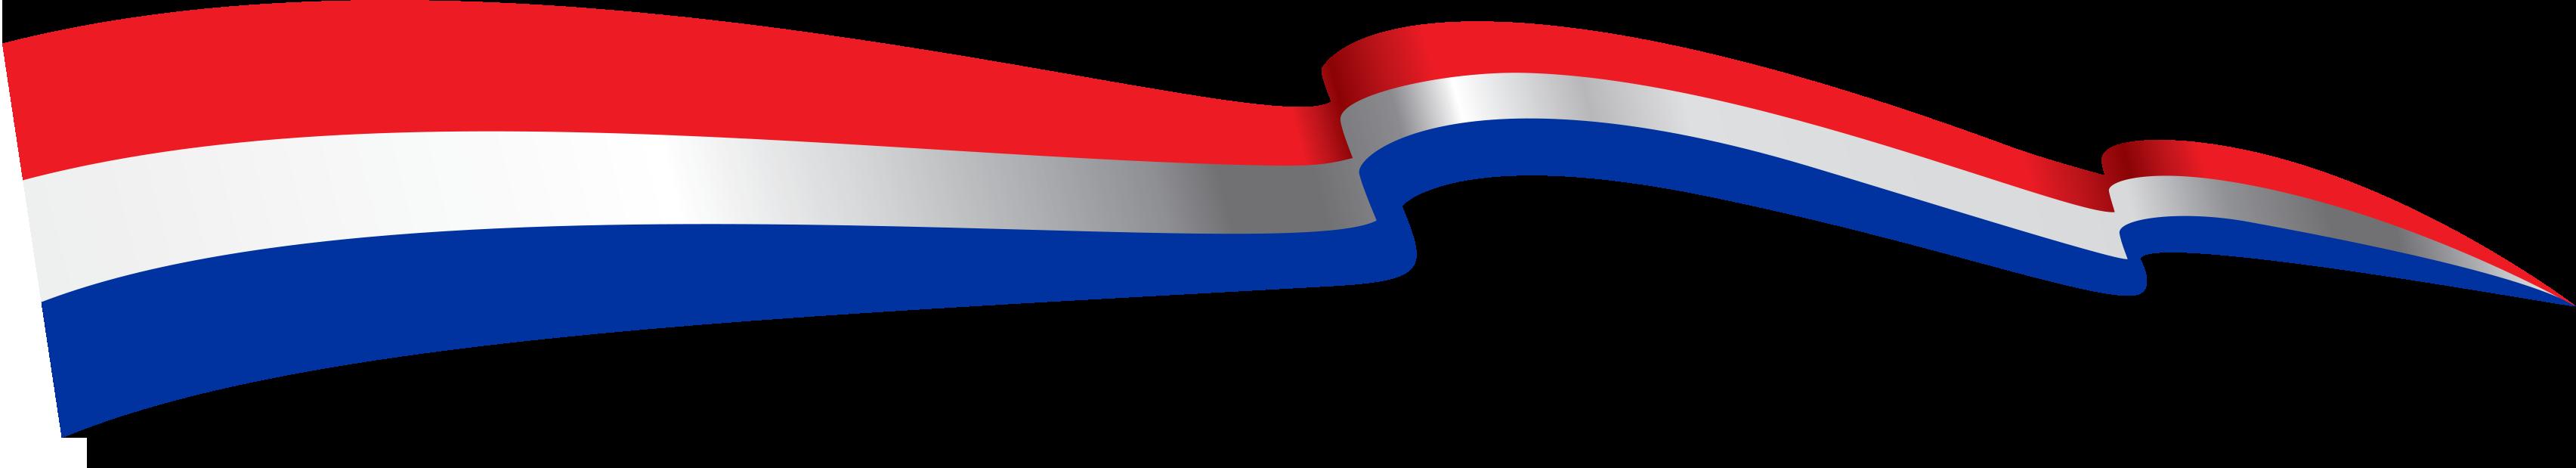 Afbeeldingsresultaat voor nederlandse vlag